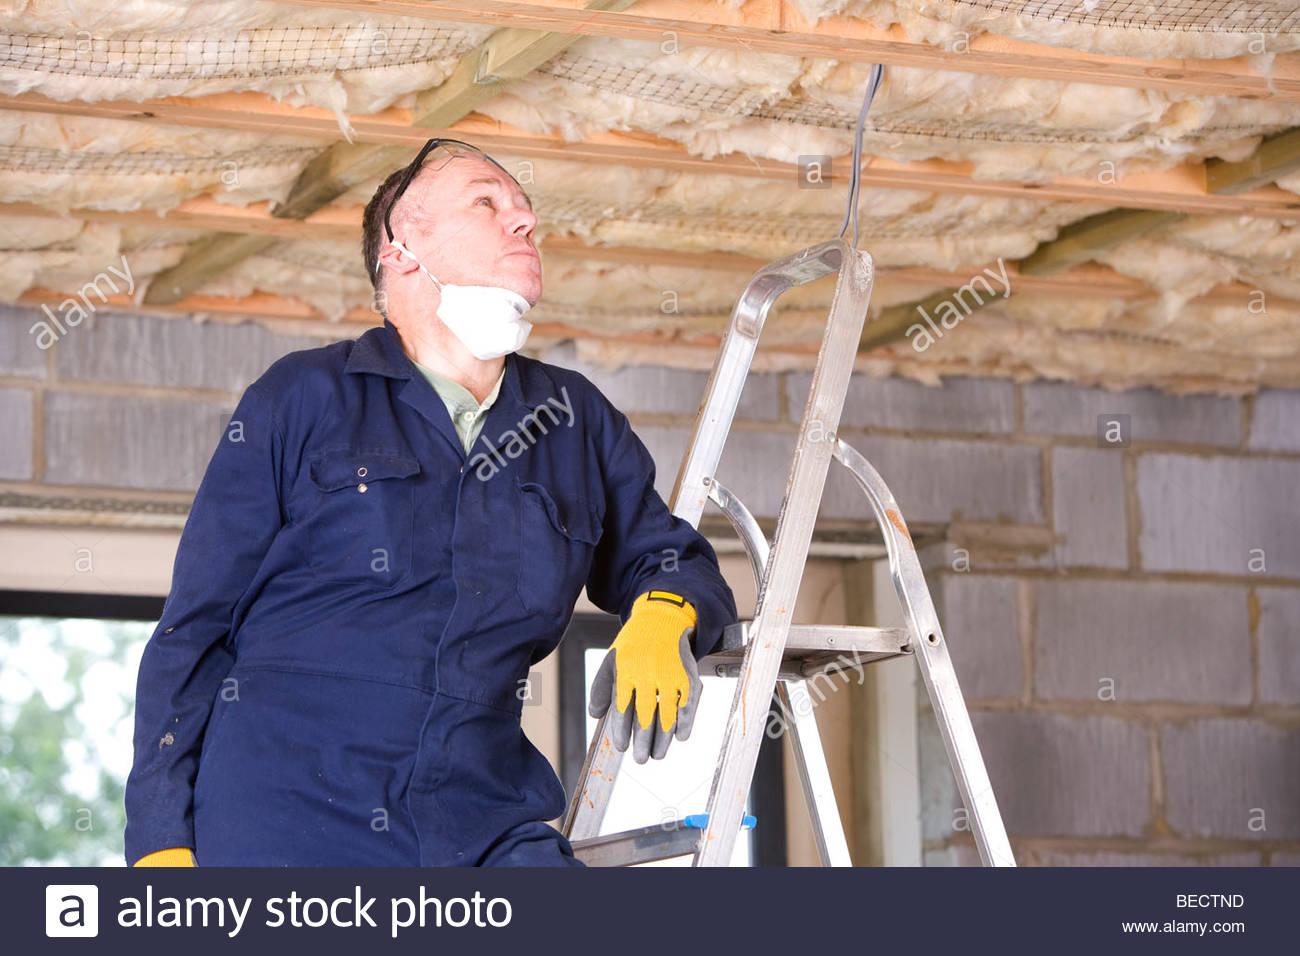 Mann In Overalls Auf Leiter Blickte Zu Decke Isolierung Stockfoto